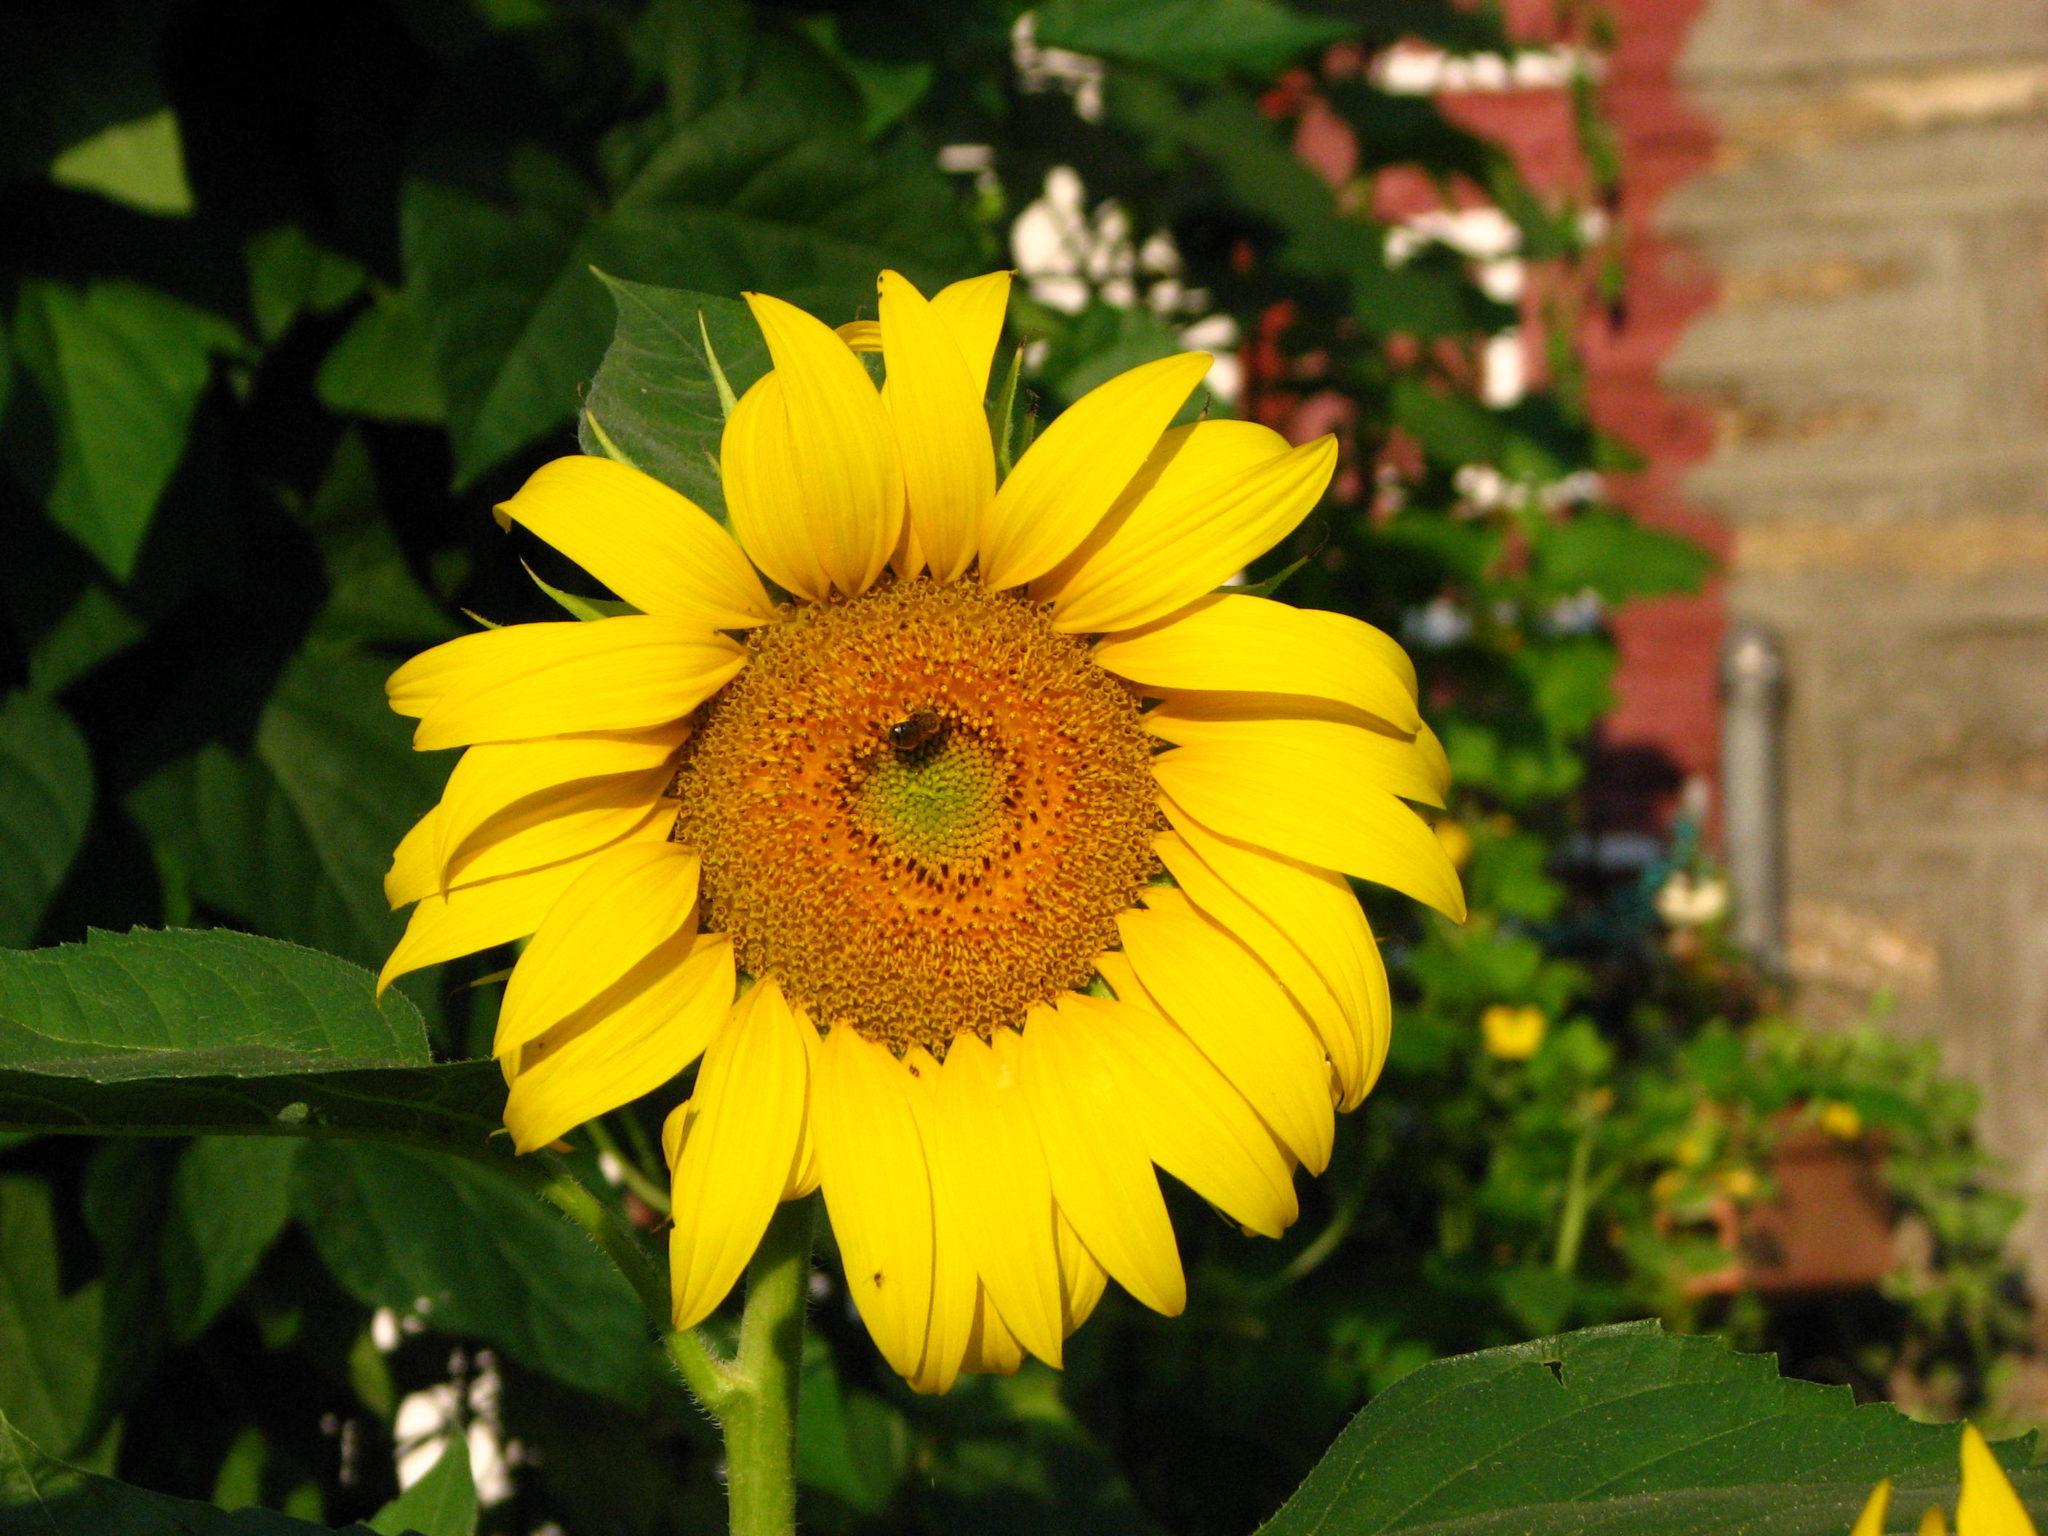 native sunflower in my garden